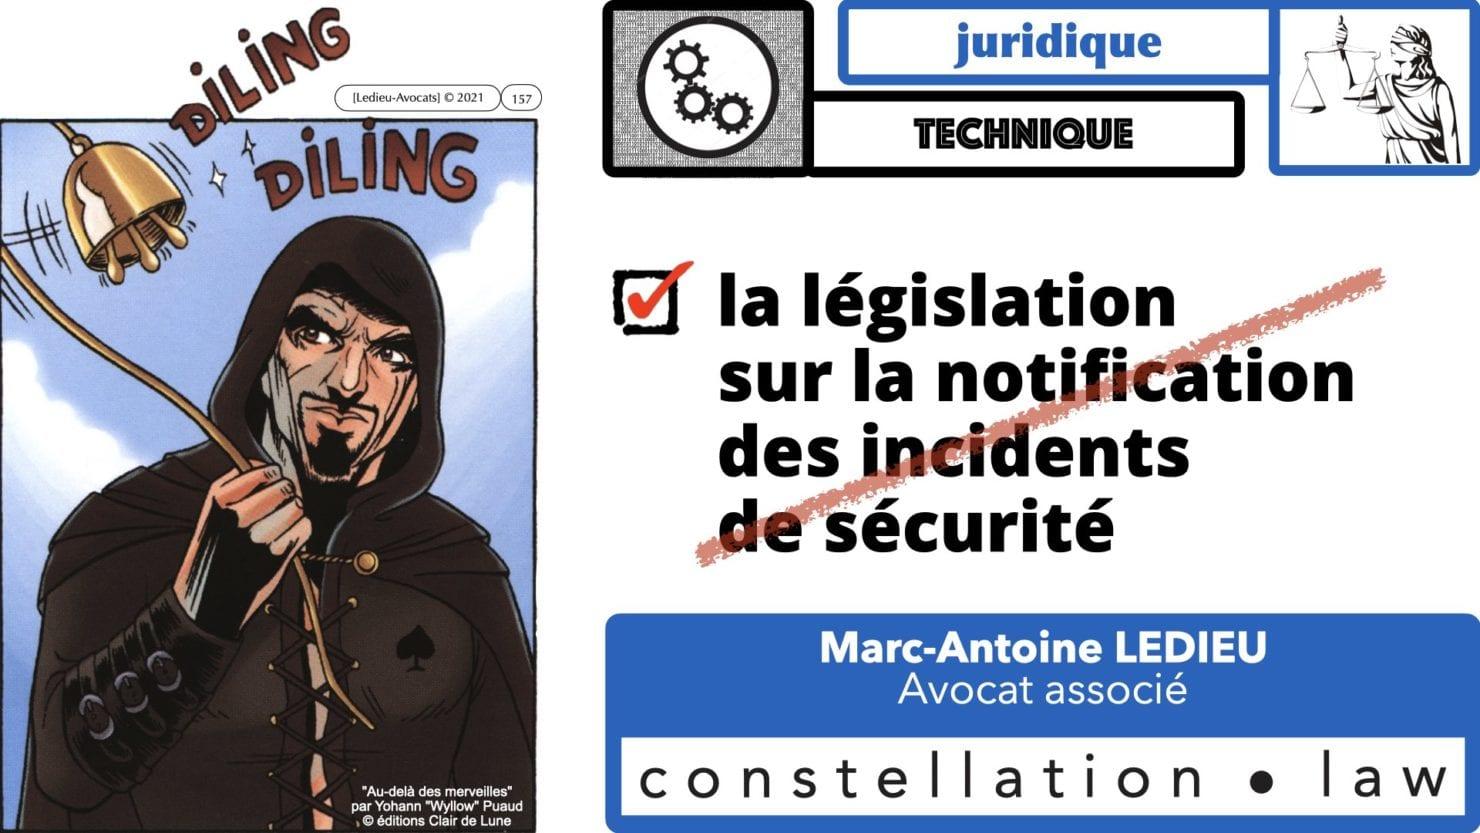 333 CYBER ATTAQUE responsabilité pénale civile contrat © Ledieu-Avocats 23-05-2021.157